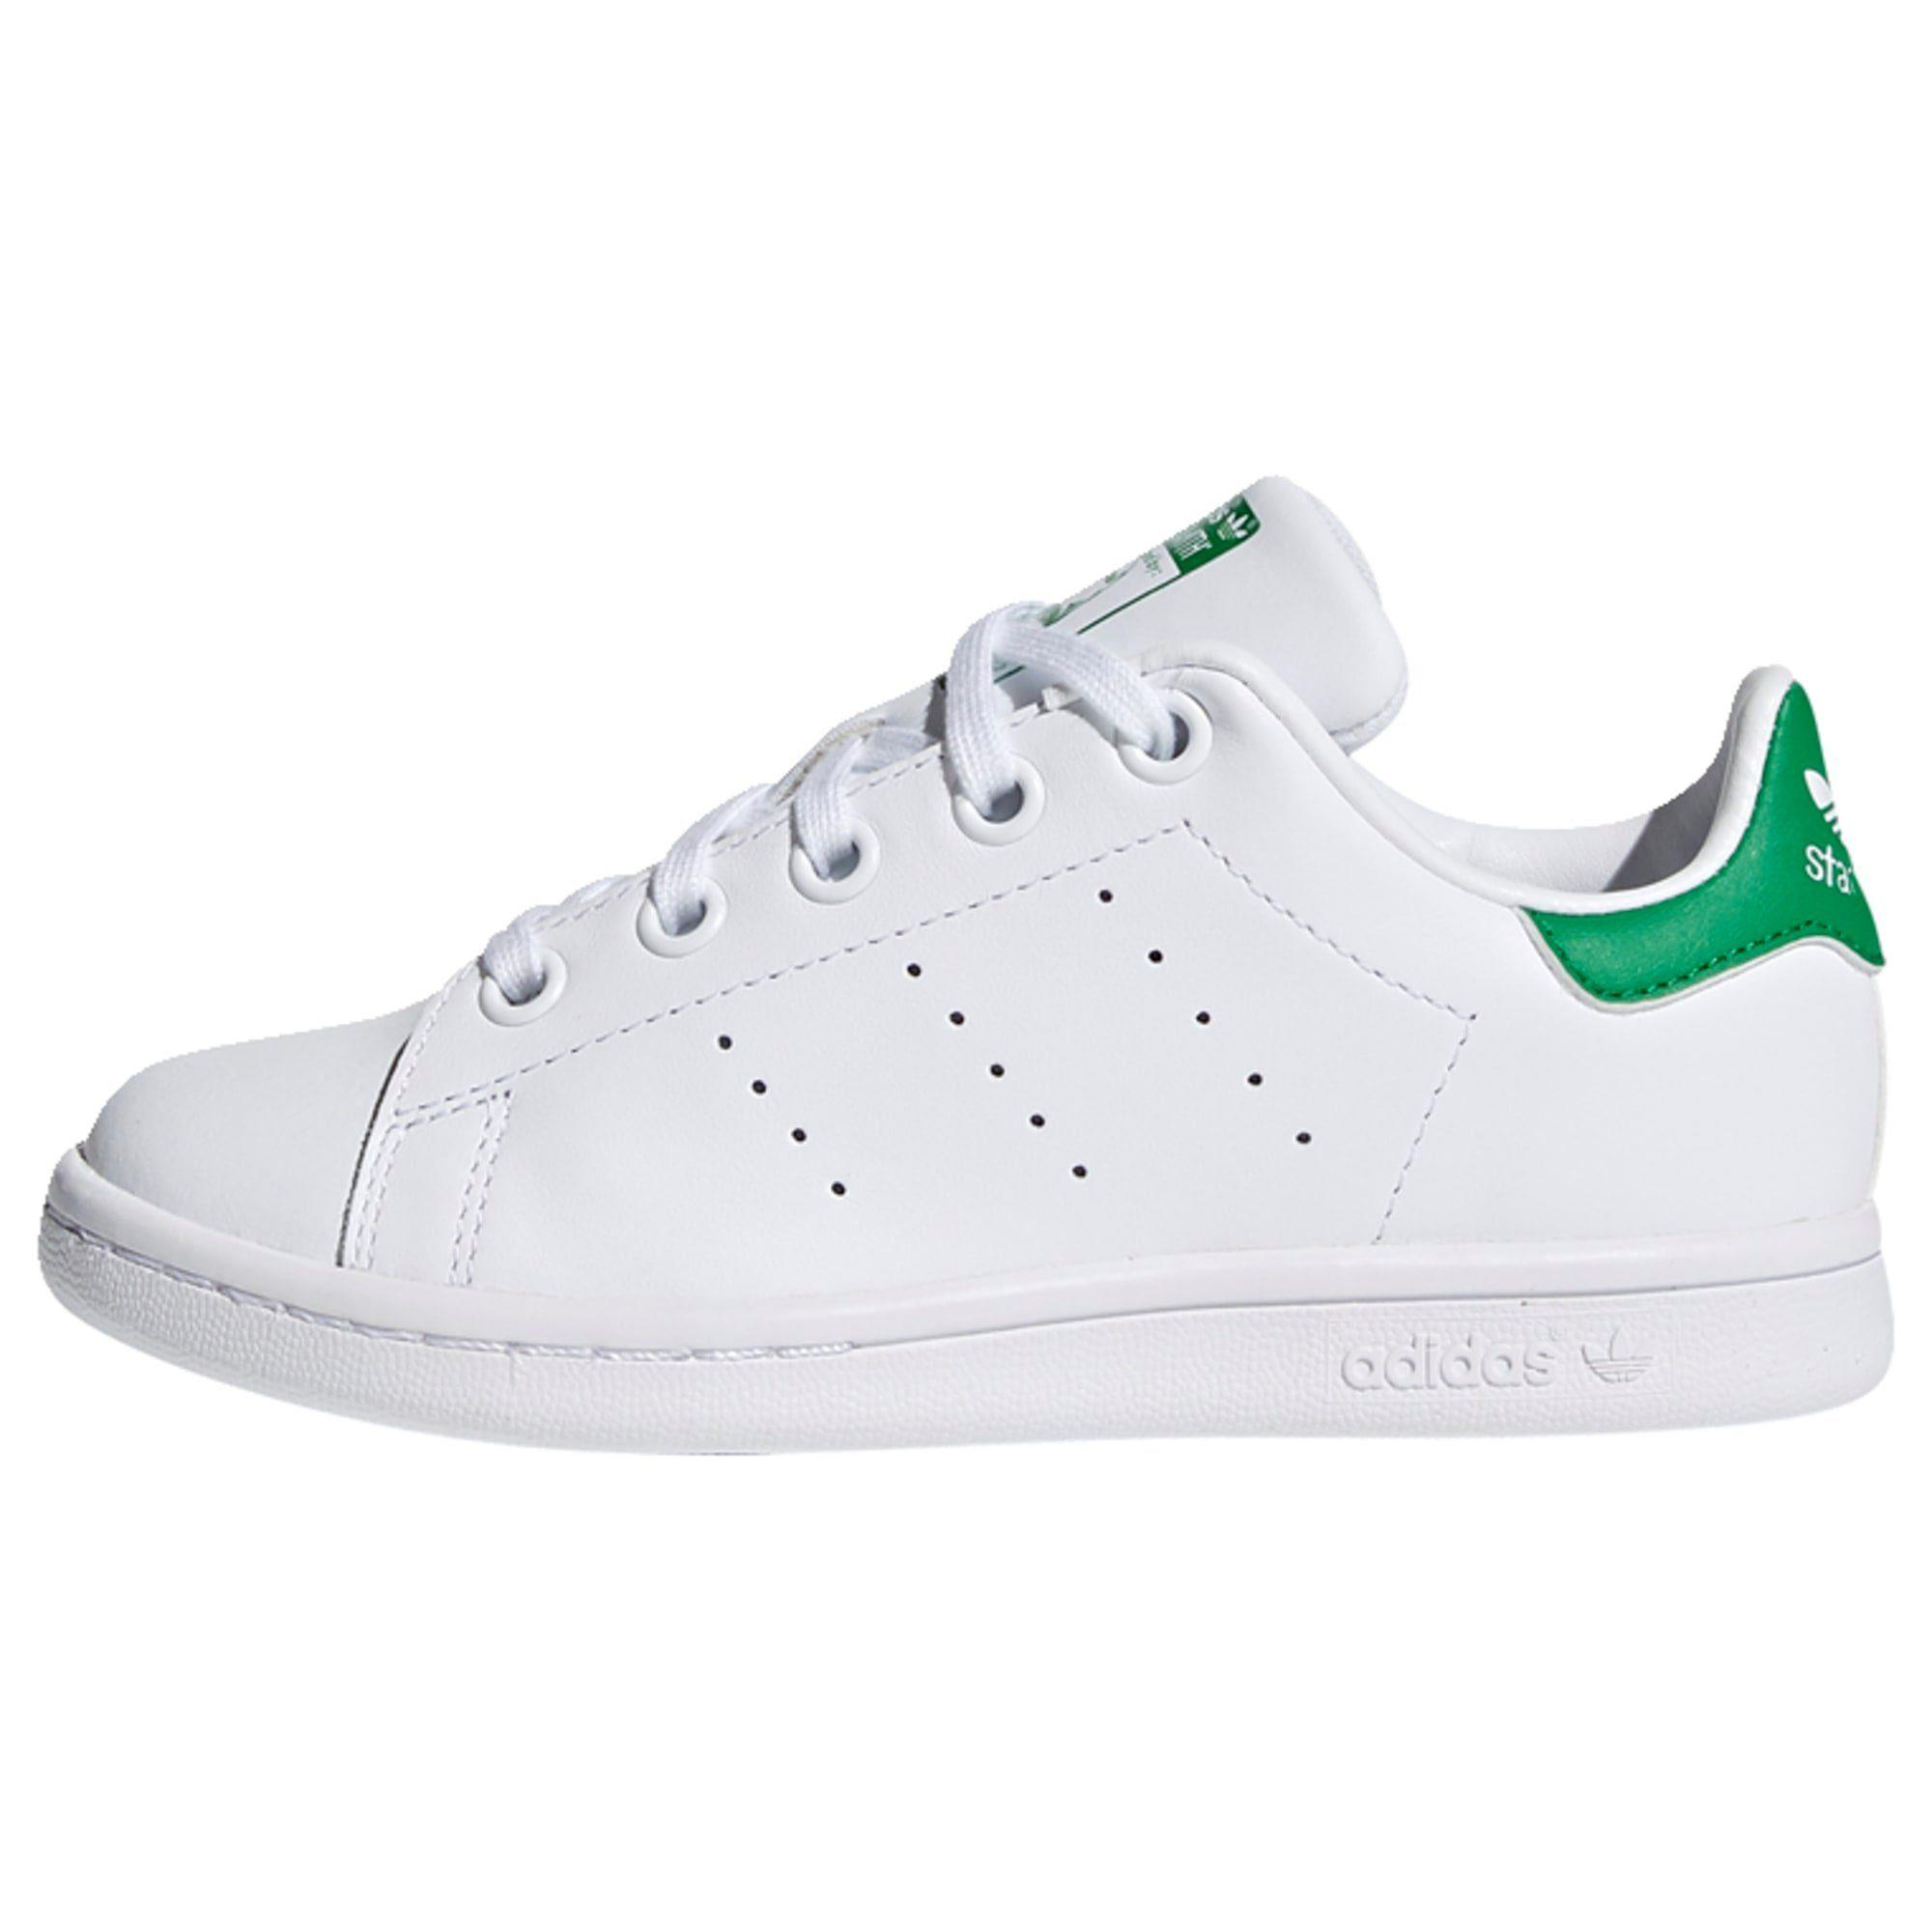 adidas Originals »Stan Smith Schuh« Trainingsschuh Stan Smith;Klassiker online kaufen | OTTO